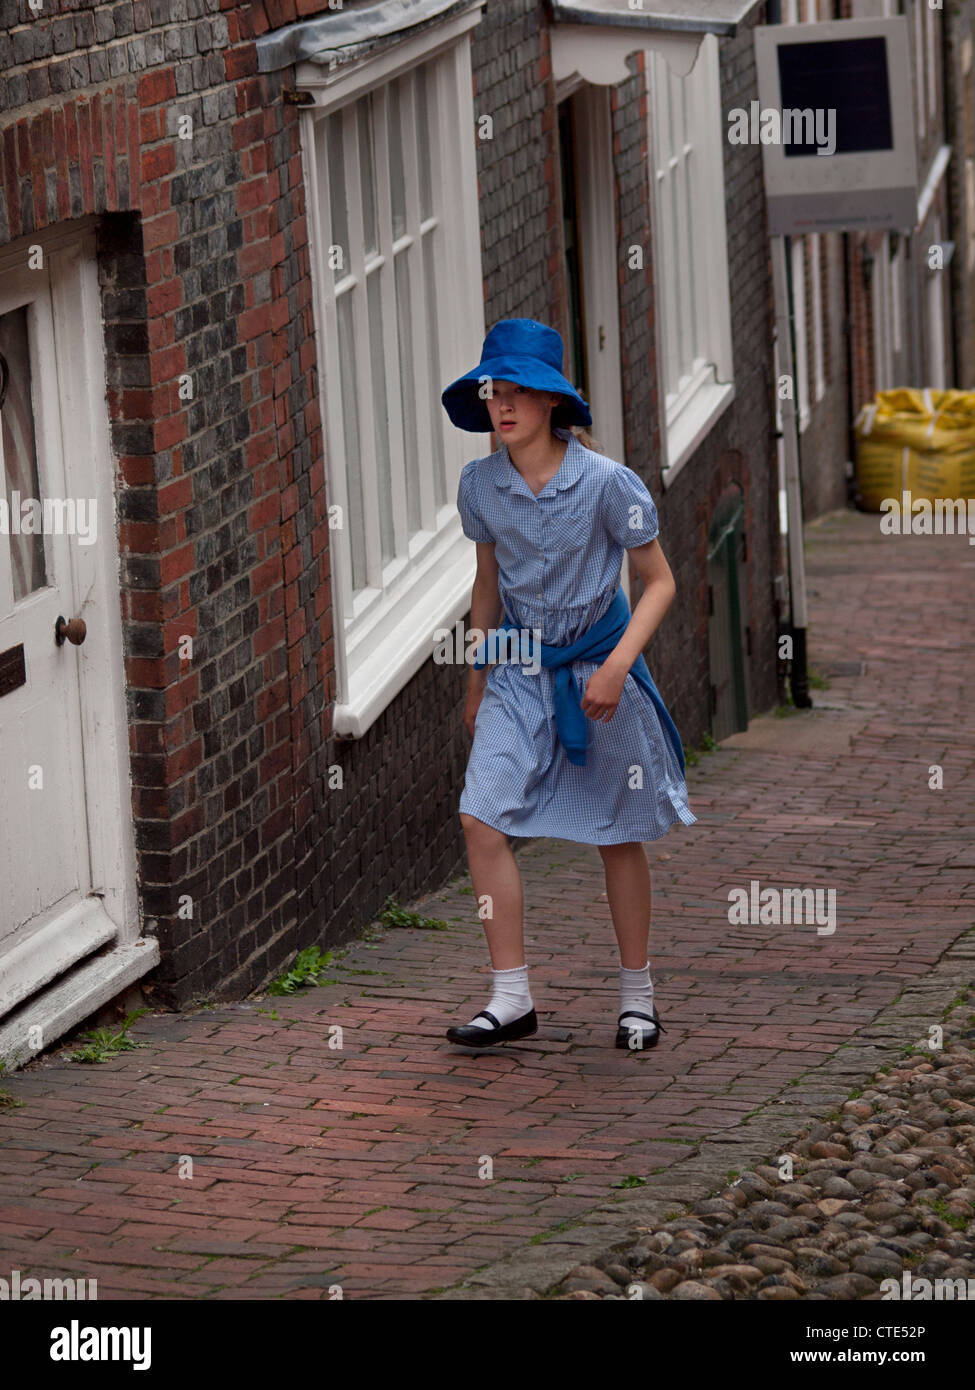 School Uniform Girl Hat Stock Photos & School Uniform Girl Hat Stock